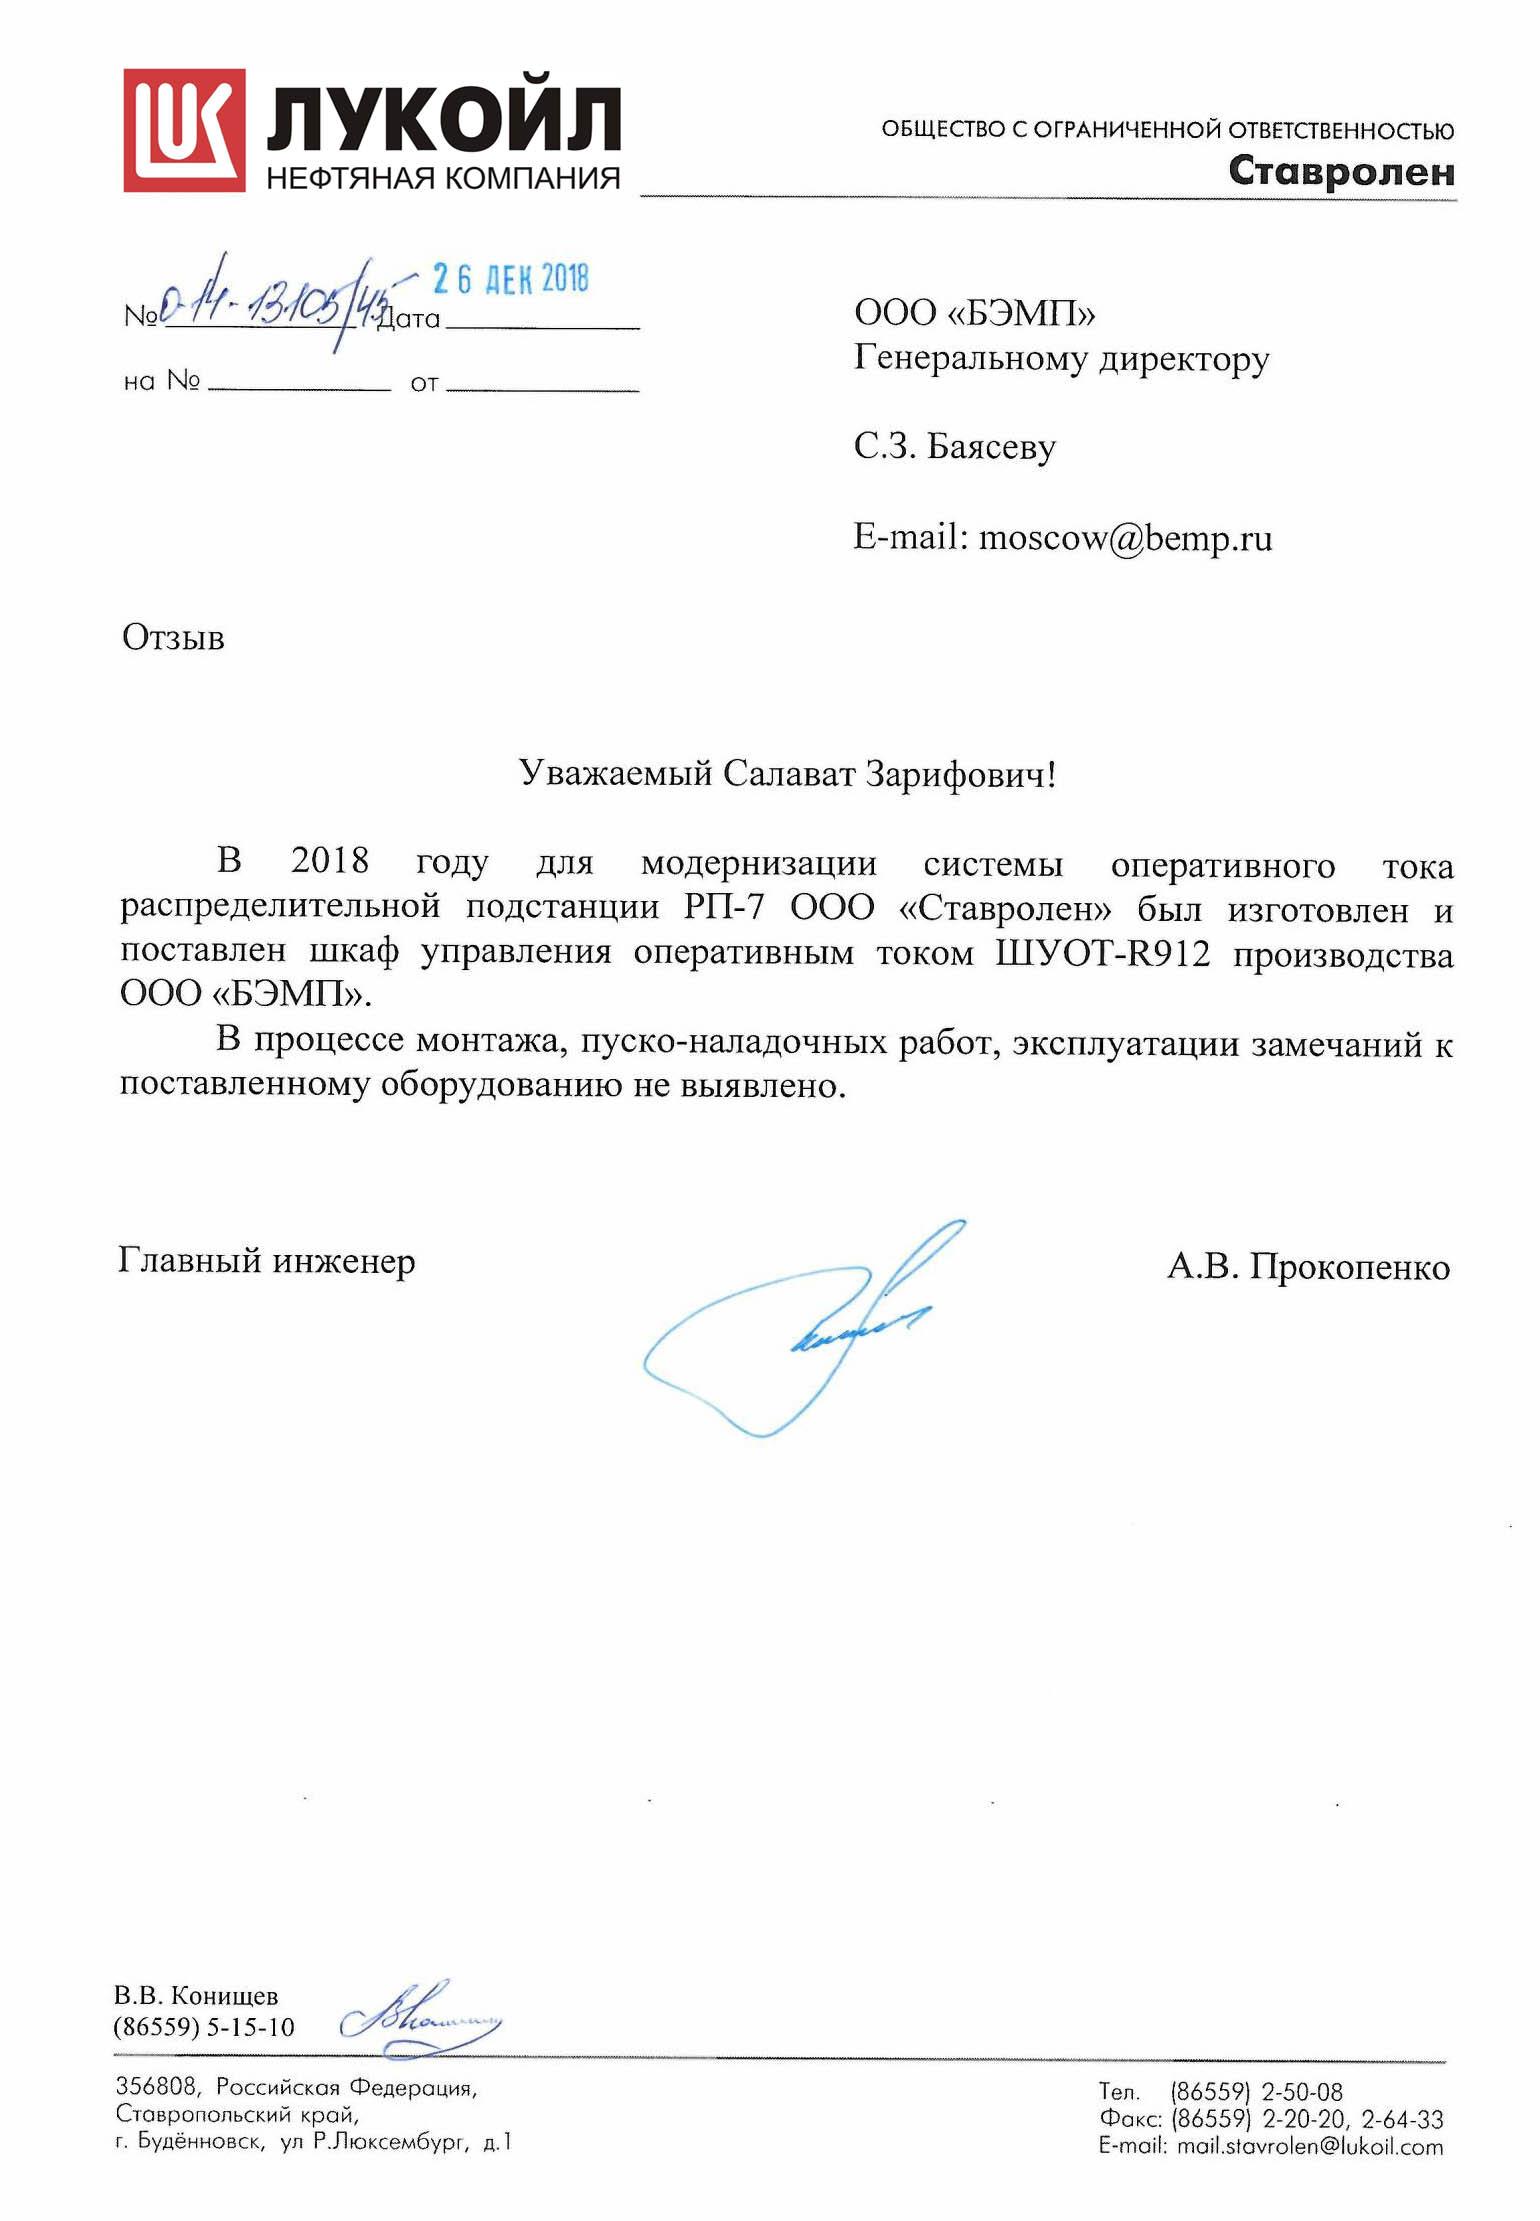 ЛУКОЙЛ - Ставролен